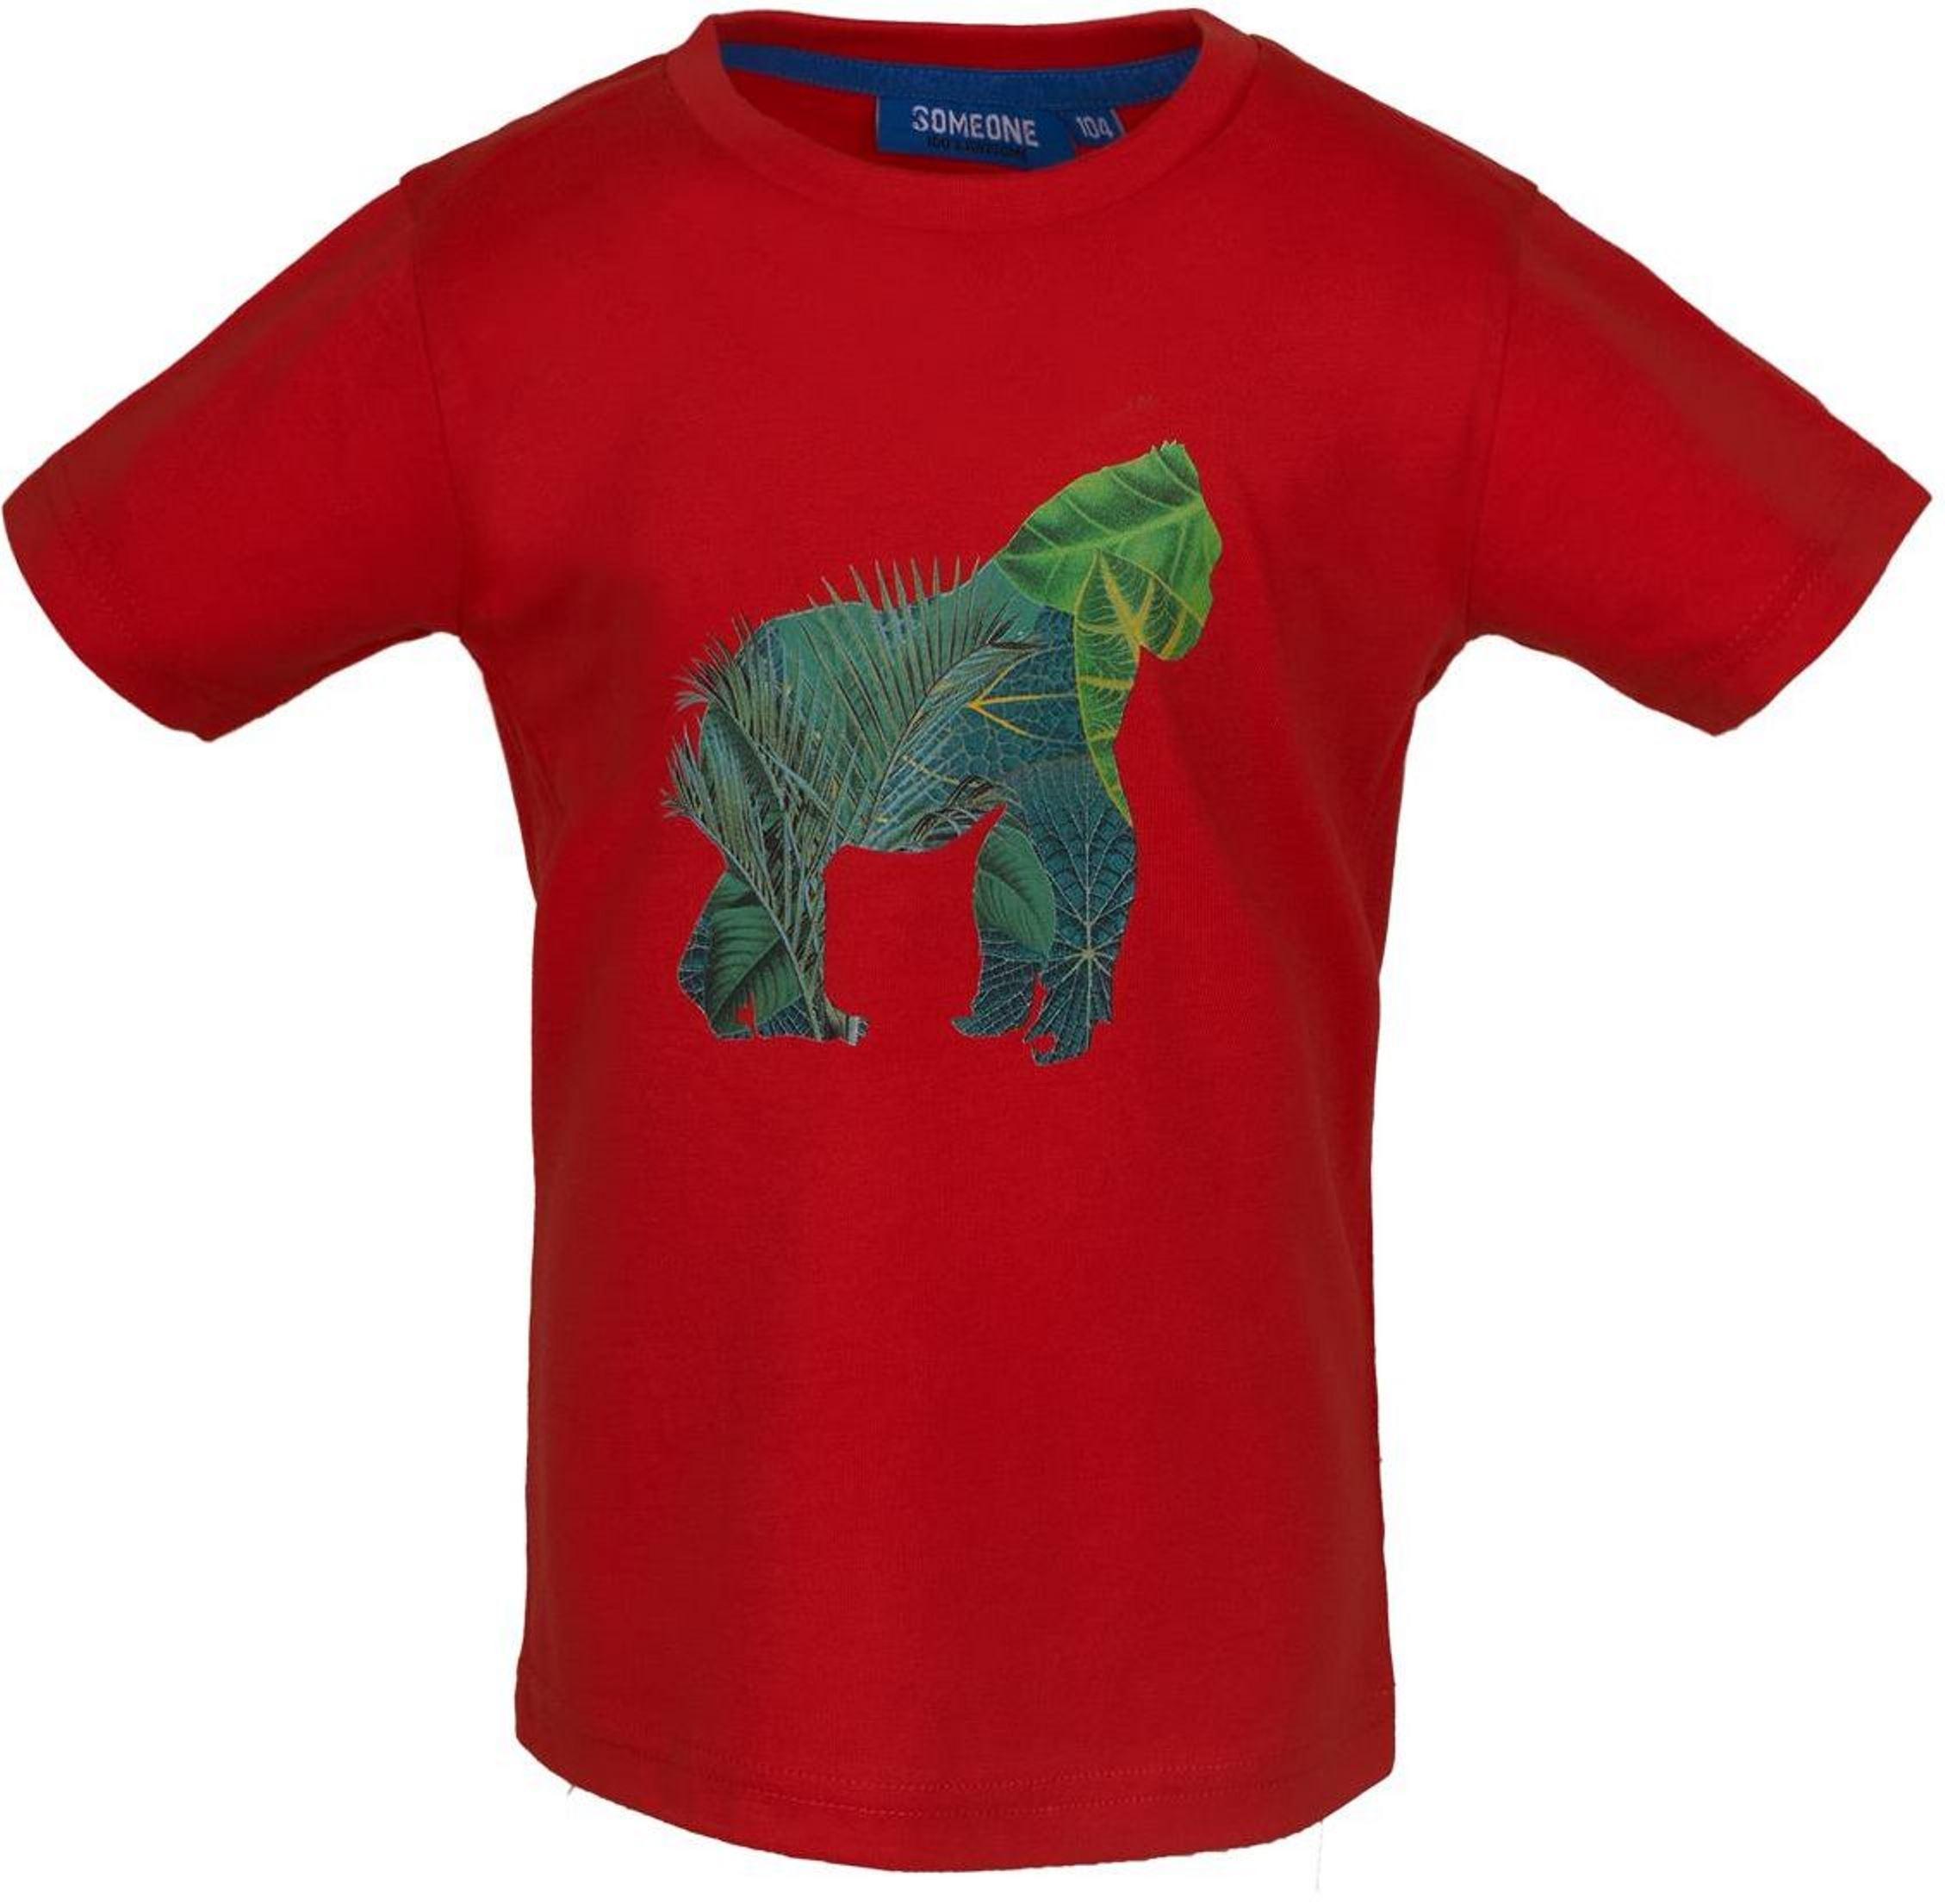 Someone Boy T-Shirt Kenya red